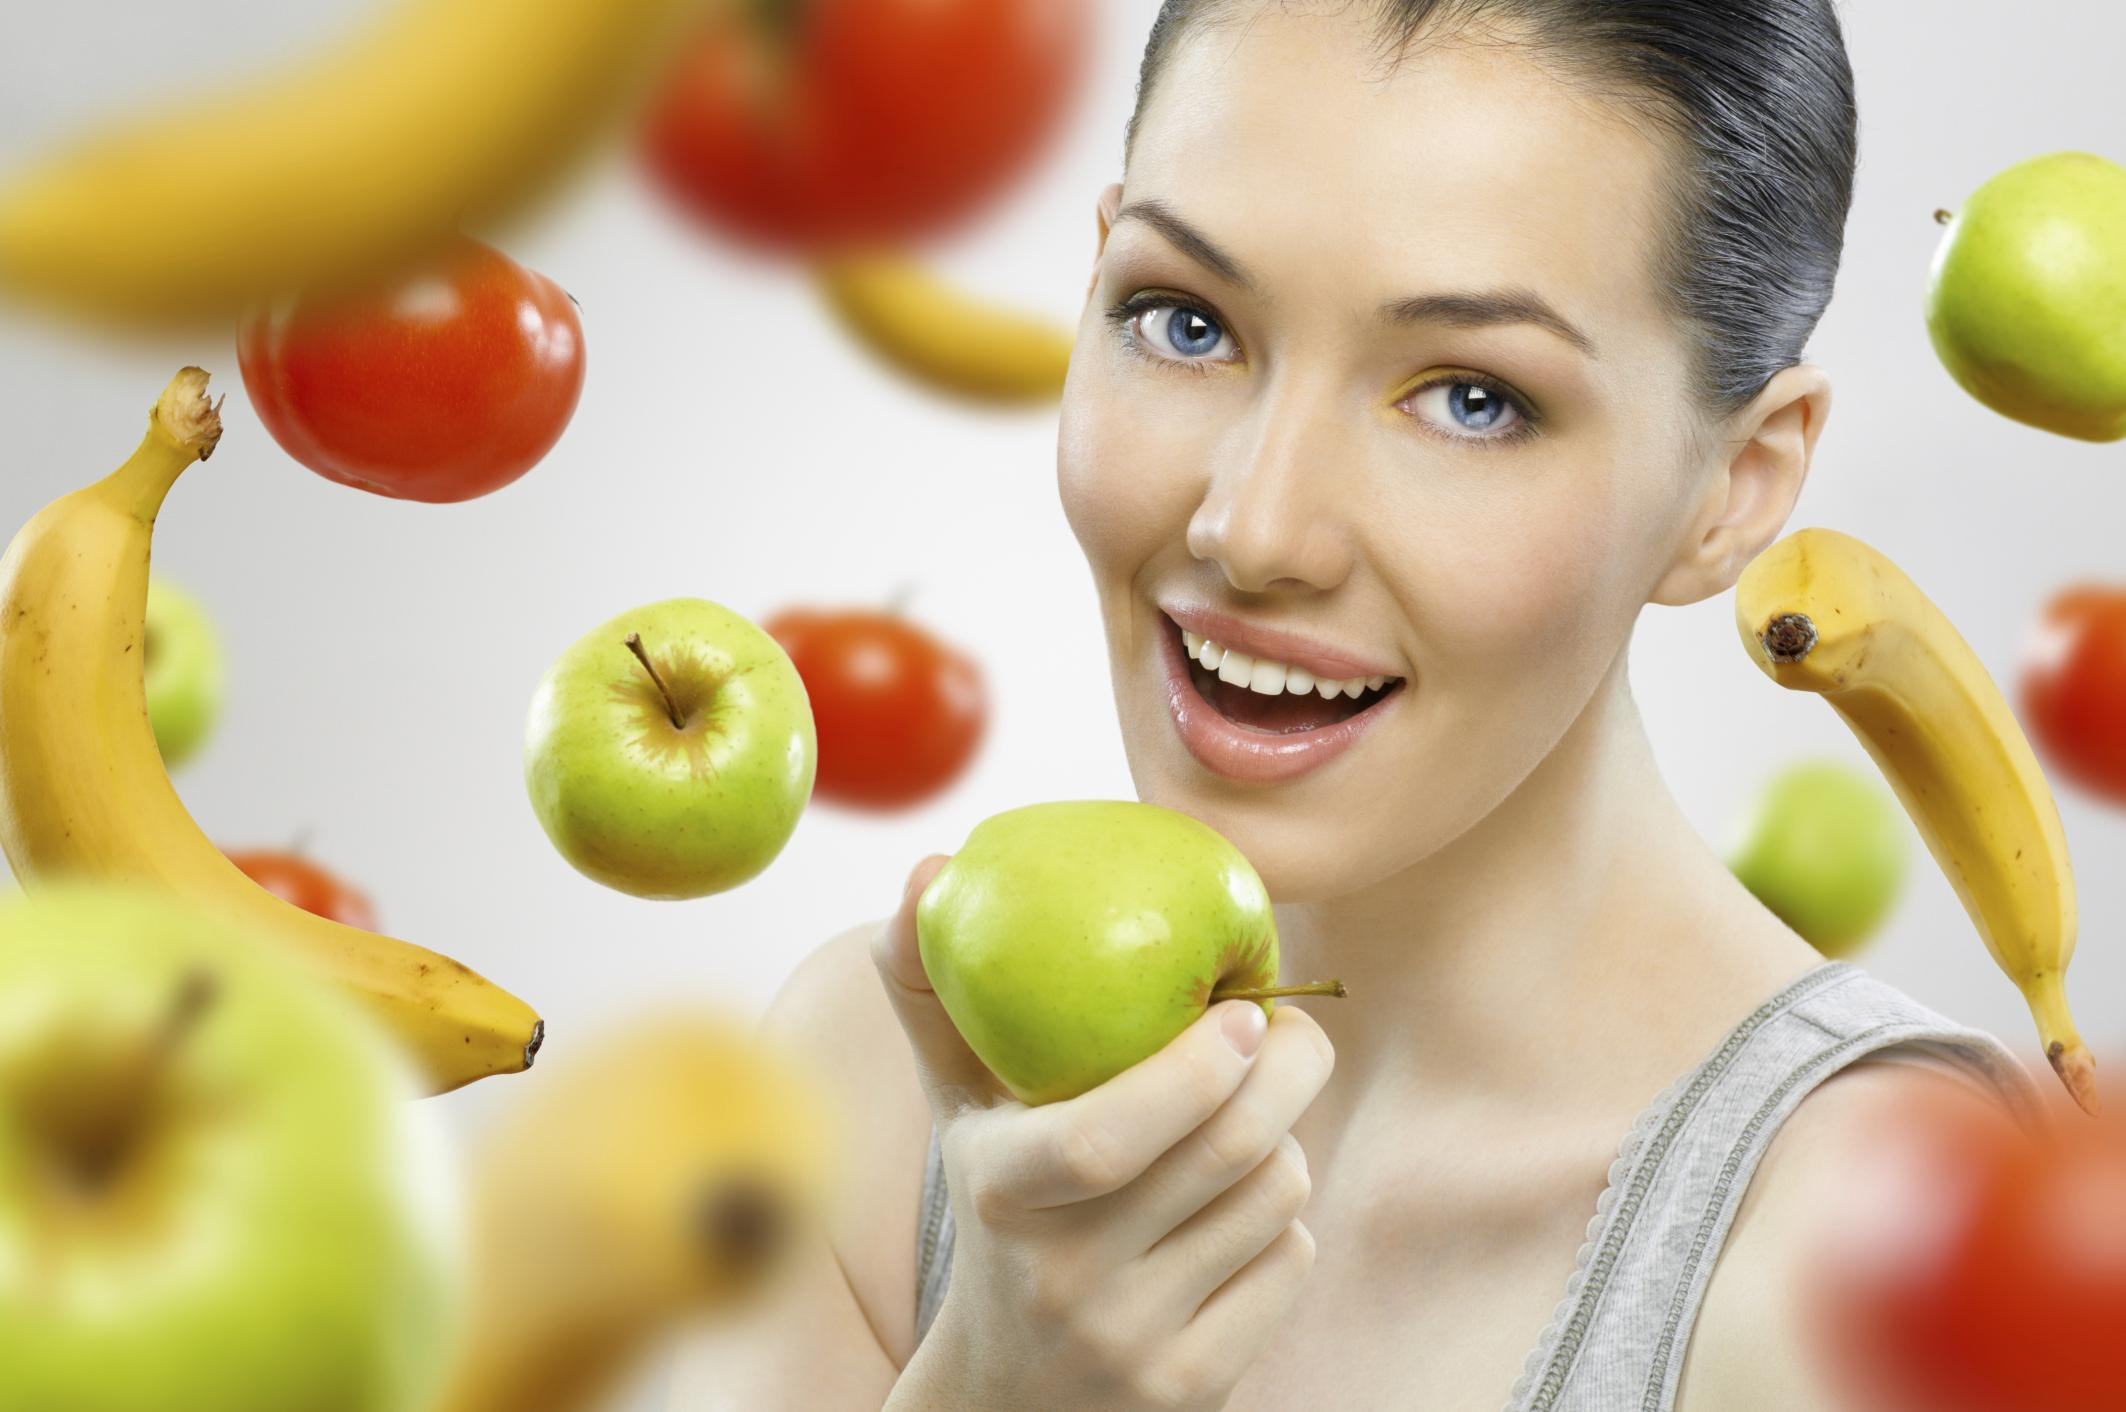 Dieta Fácil – Dieta Rápida e Fácil Para Perder 5 Quilos e Emagrecer